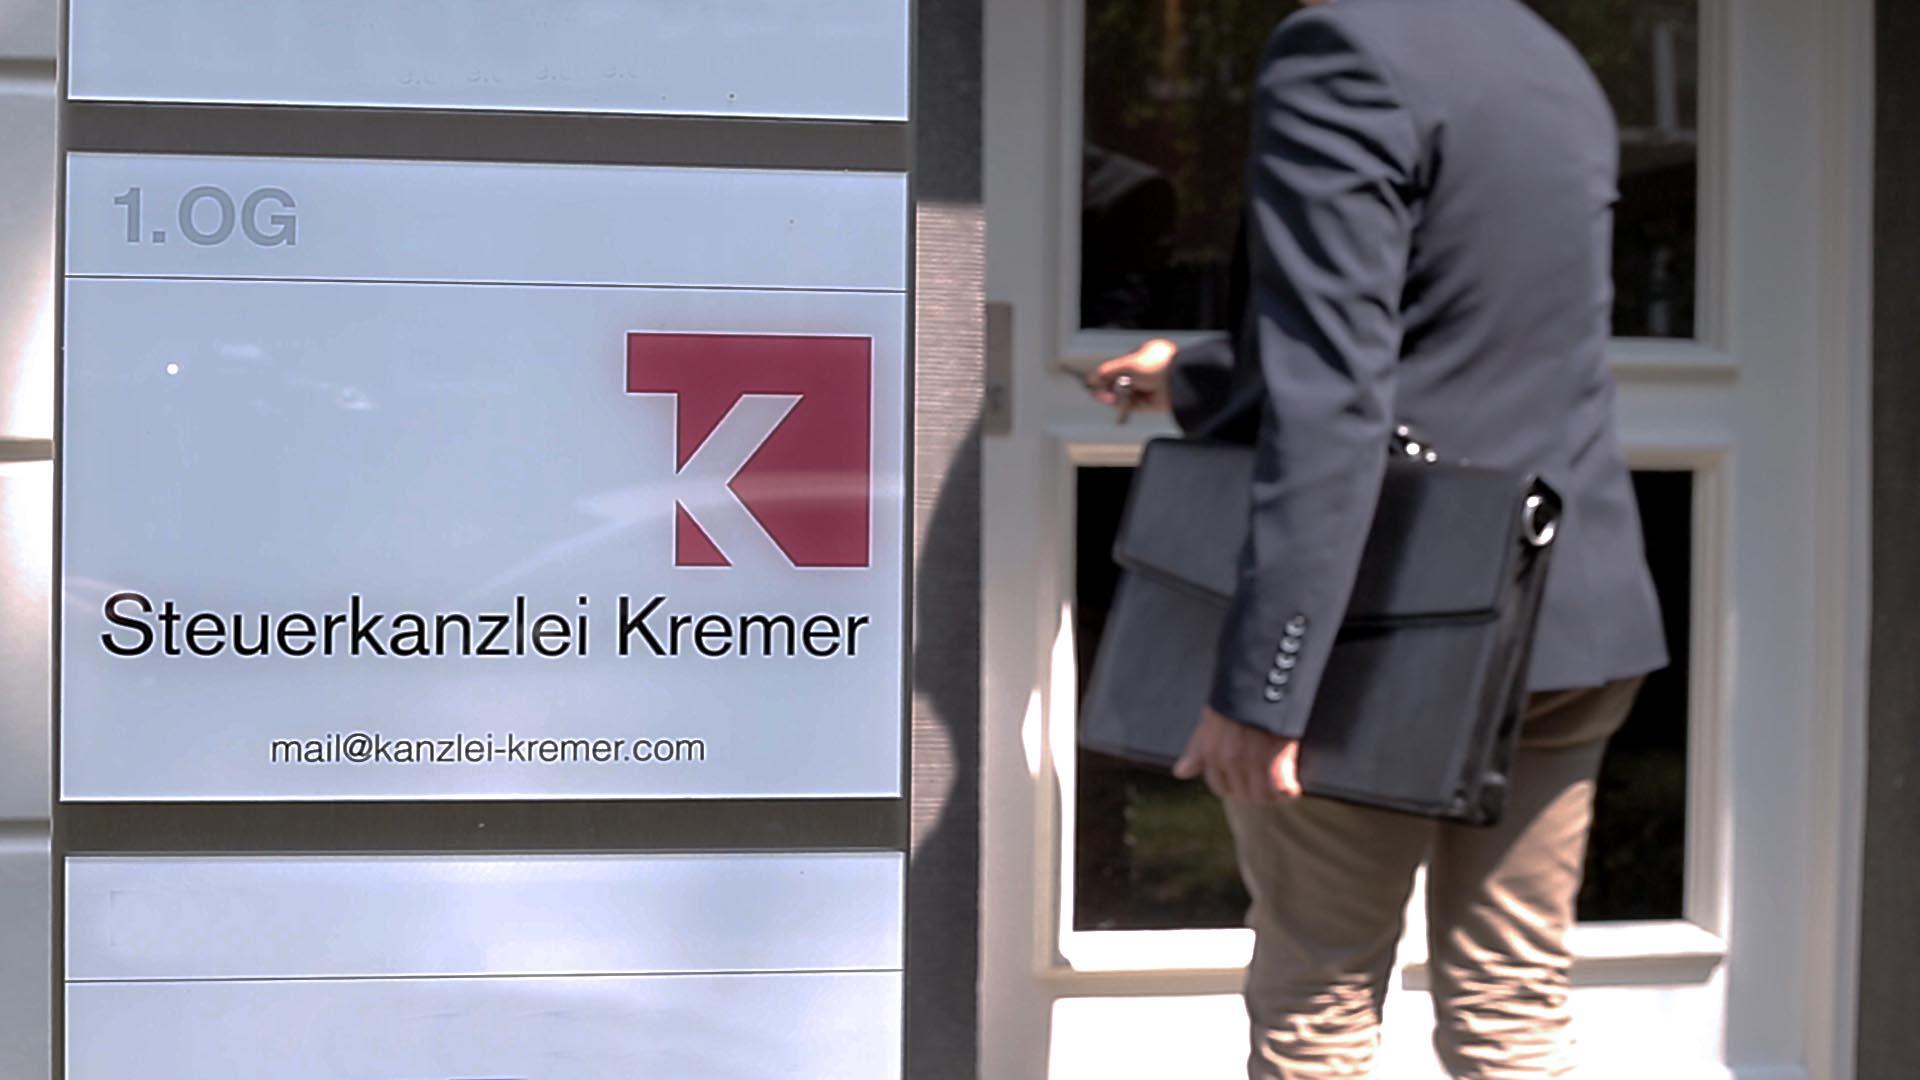 Steuerkanzlei Kremer VORSCHAUBILD